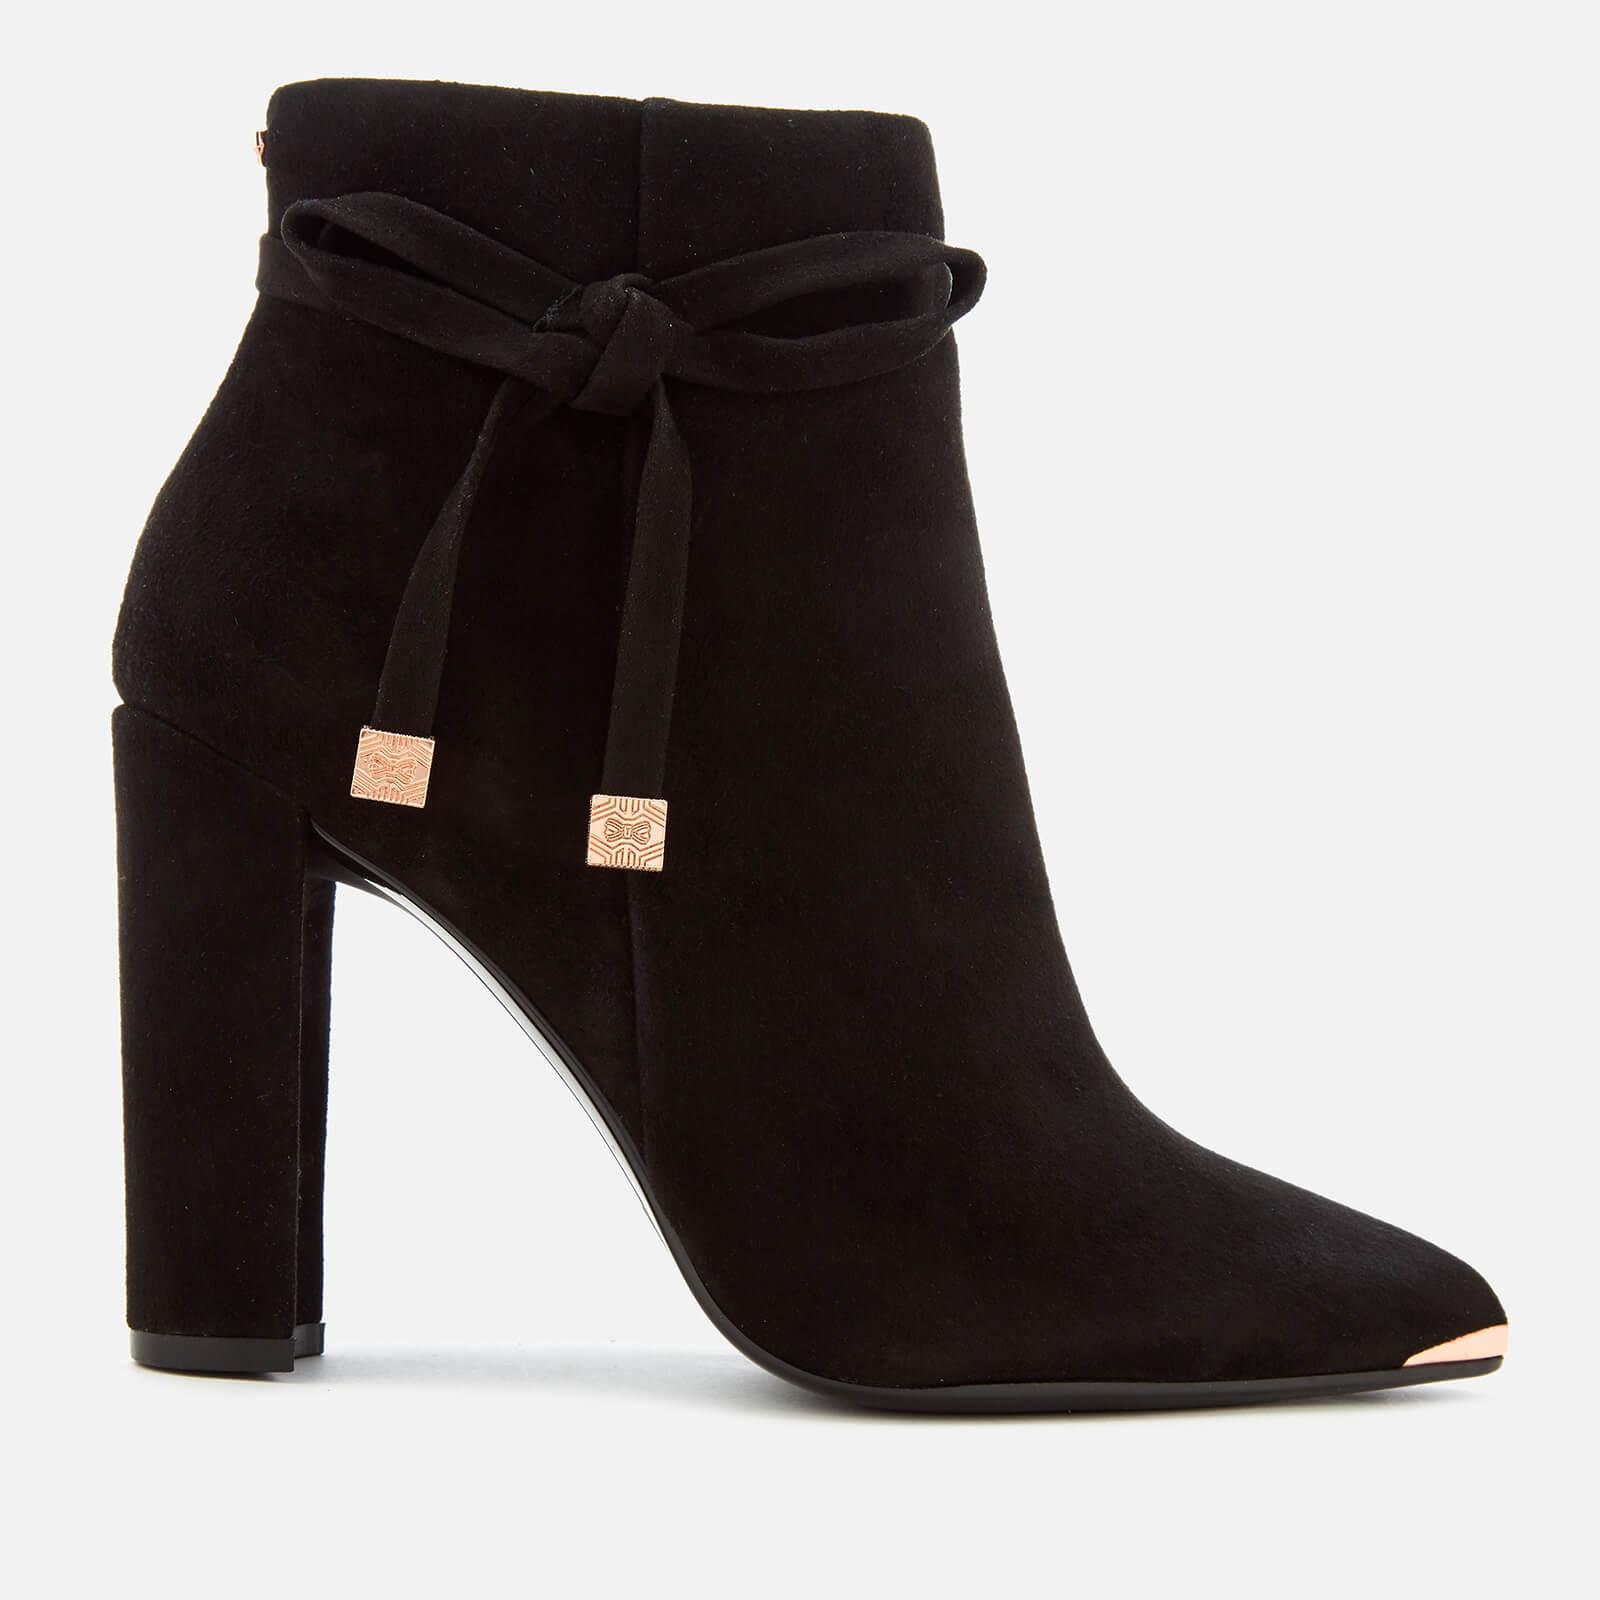 2ec9550c3e24 Ted Baker Women s Qatena Suede Heeled Ankle Boots - Black Womens Footwear